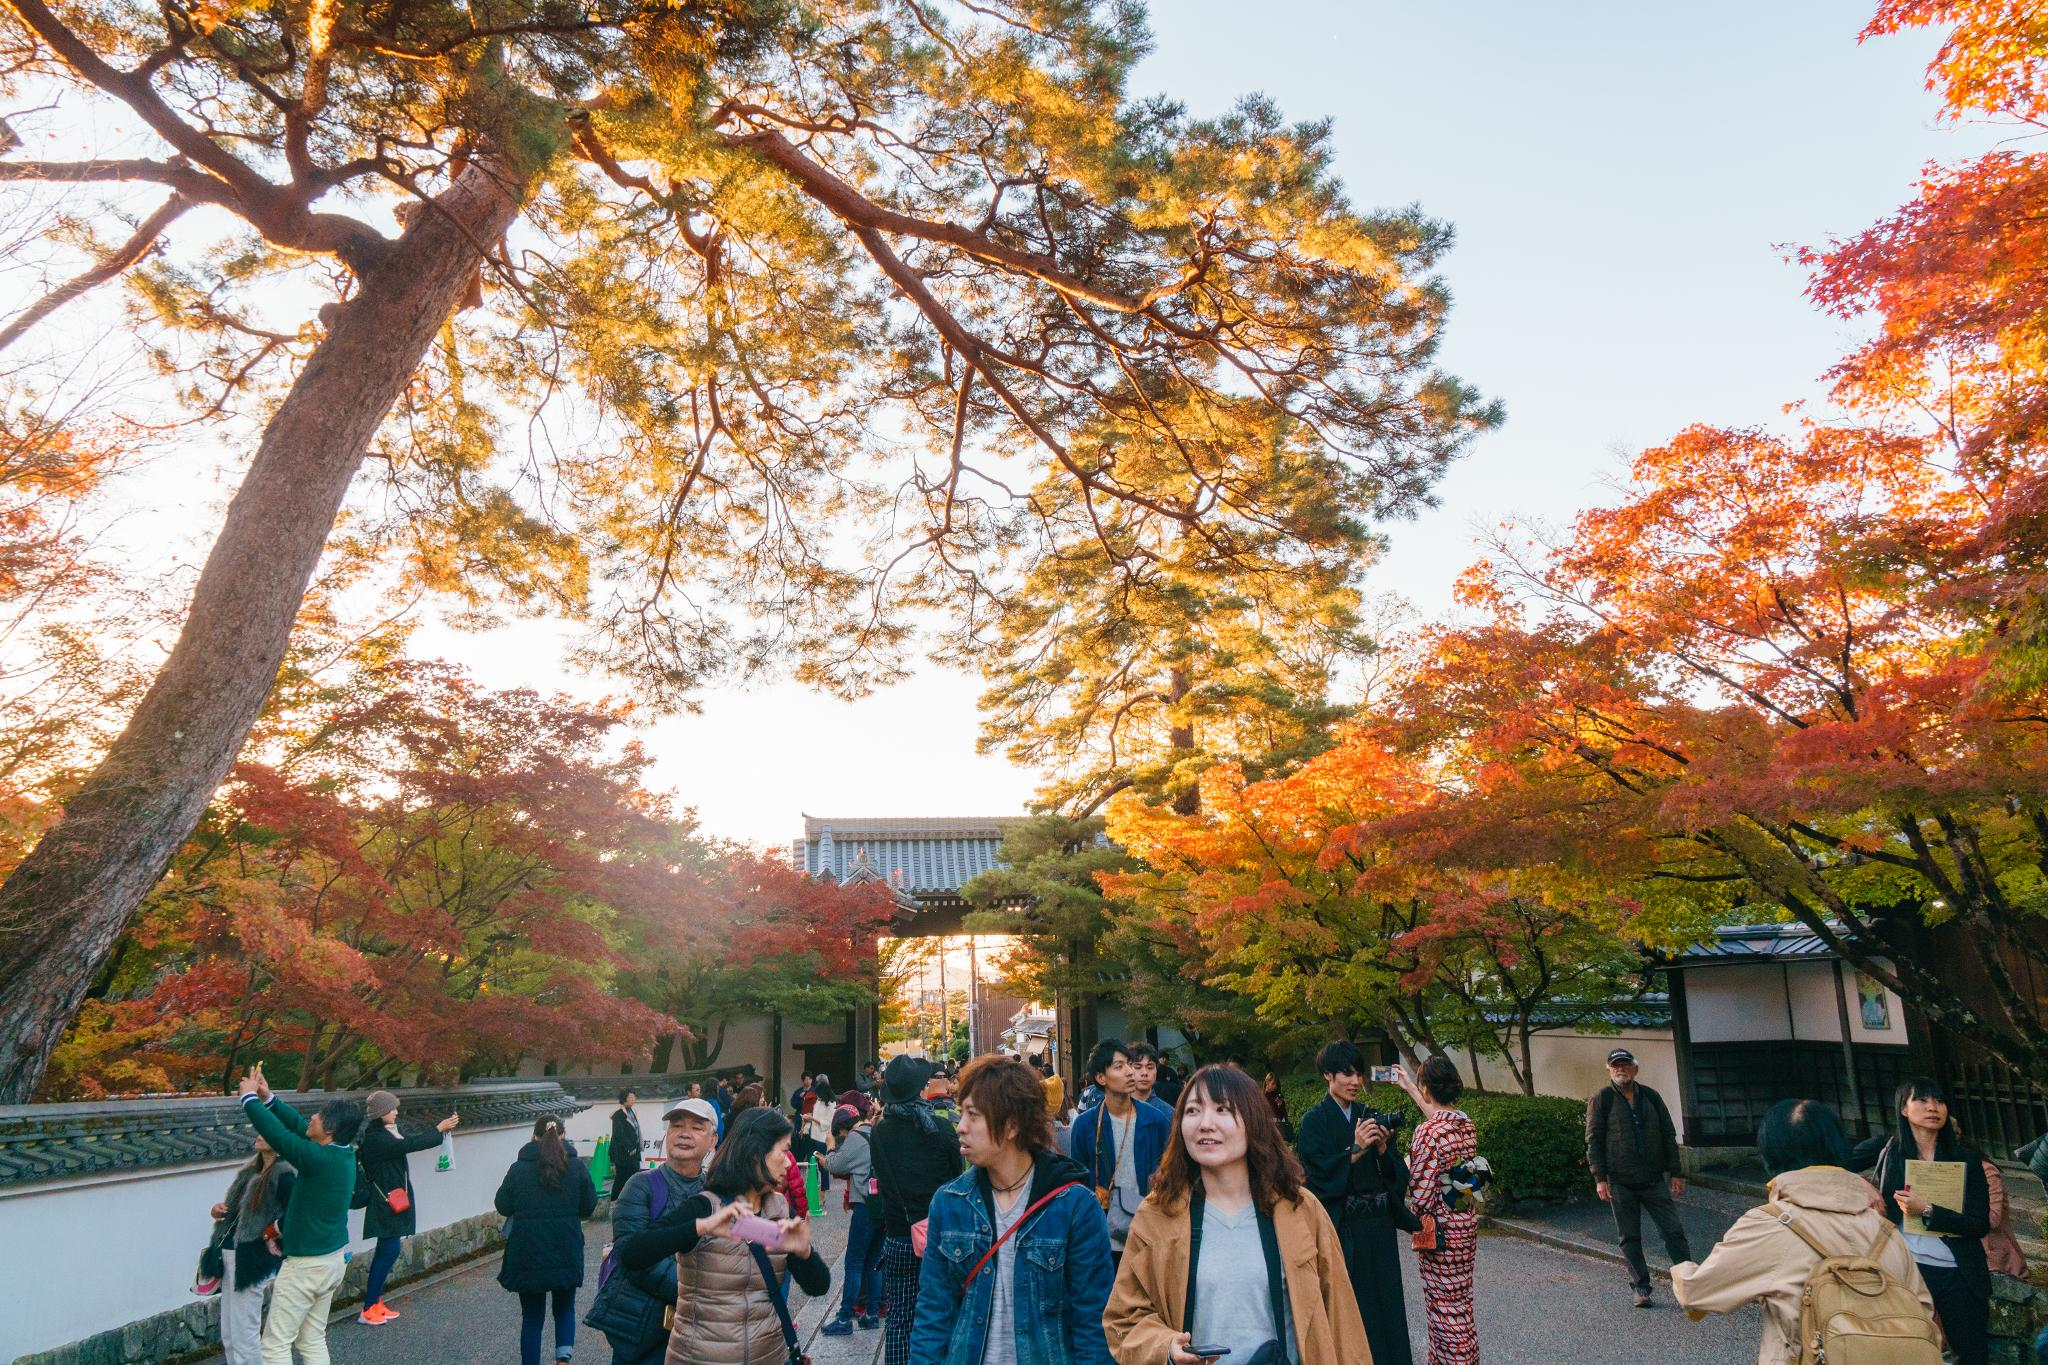 【京都】此生必來的紅葉狩絕景 - 永觀堂夜楓 101